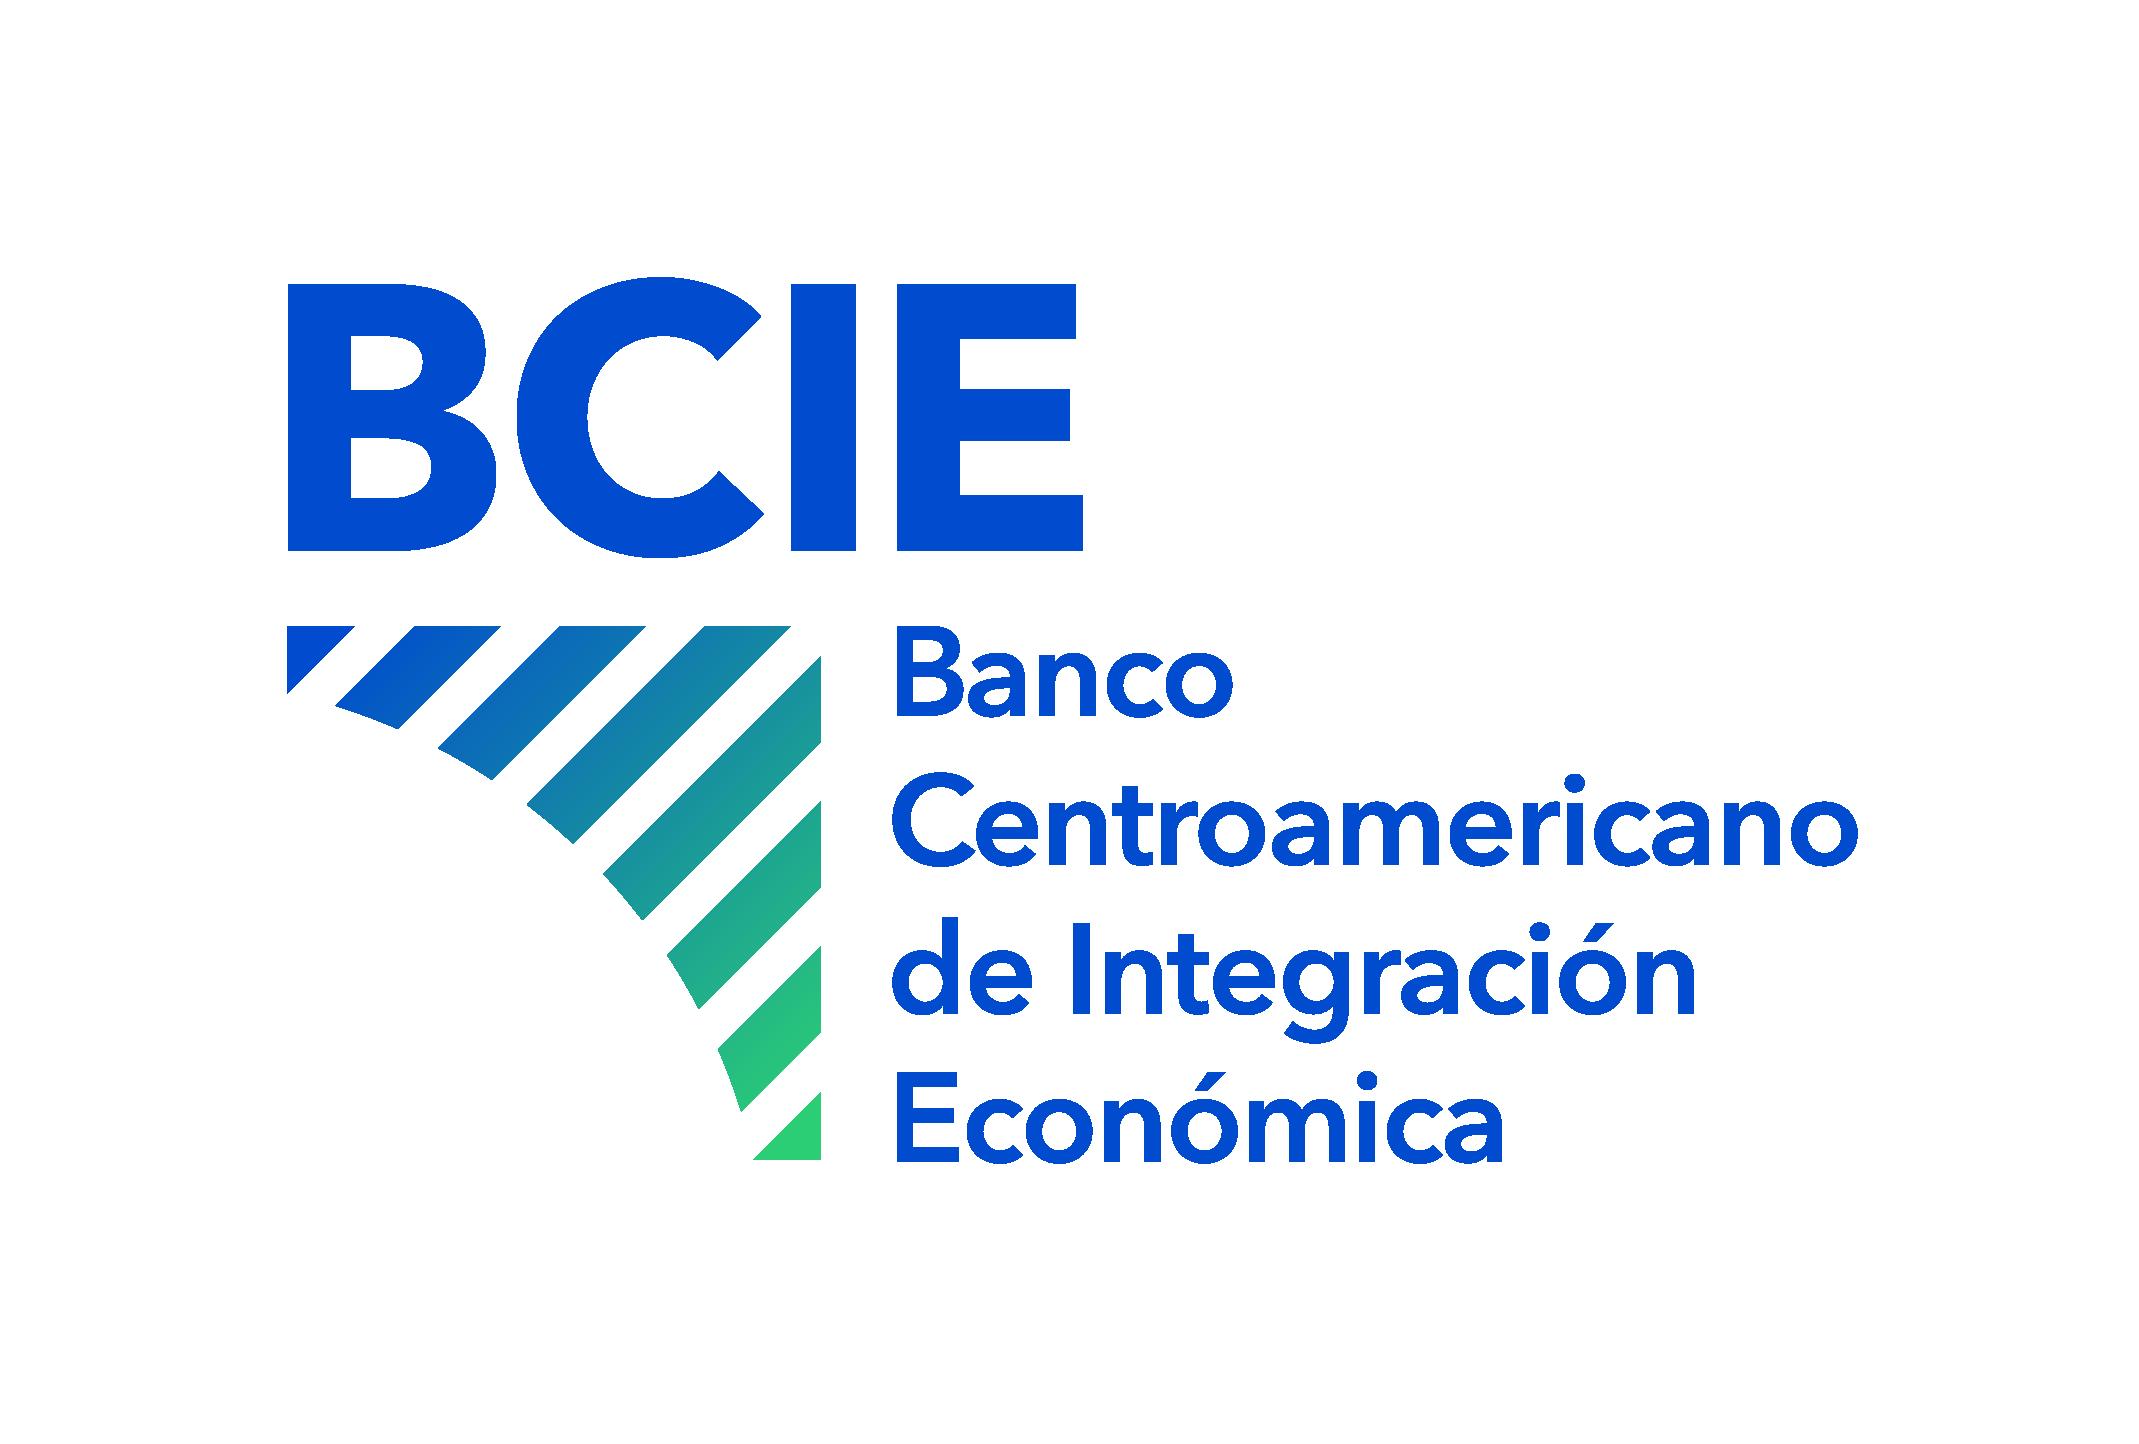 BCIE_Uso Externo